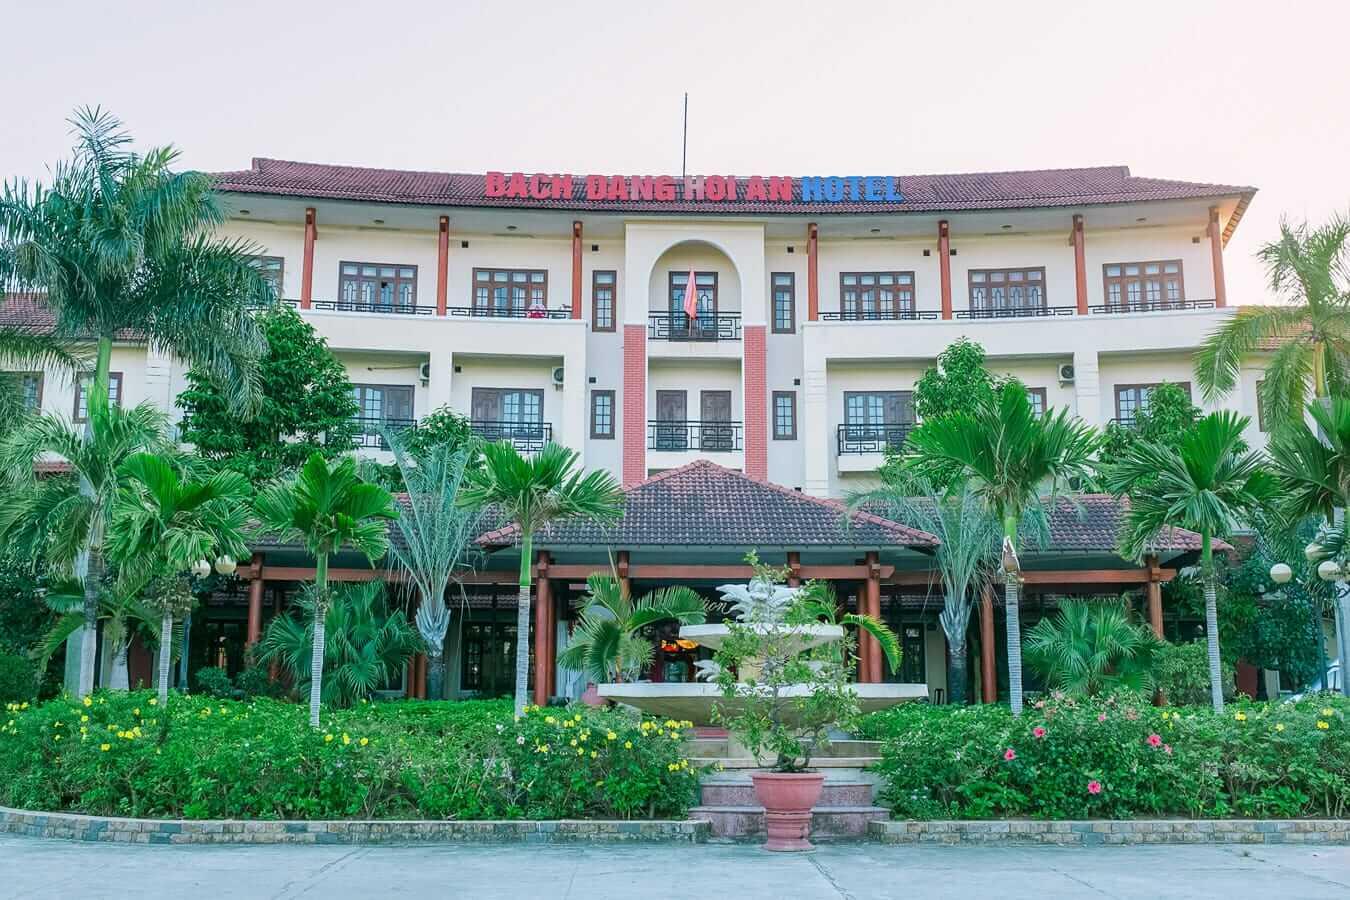 Bach Dang Hoi An Hotel: Best Hoi An hotels